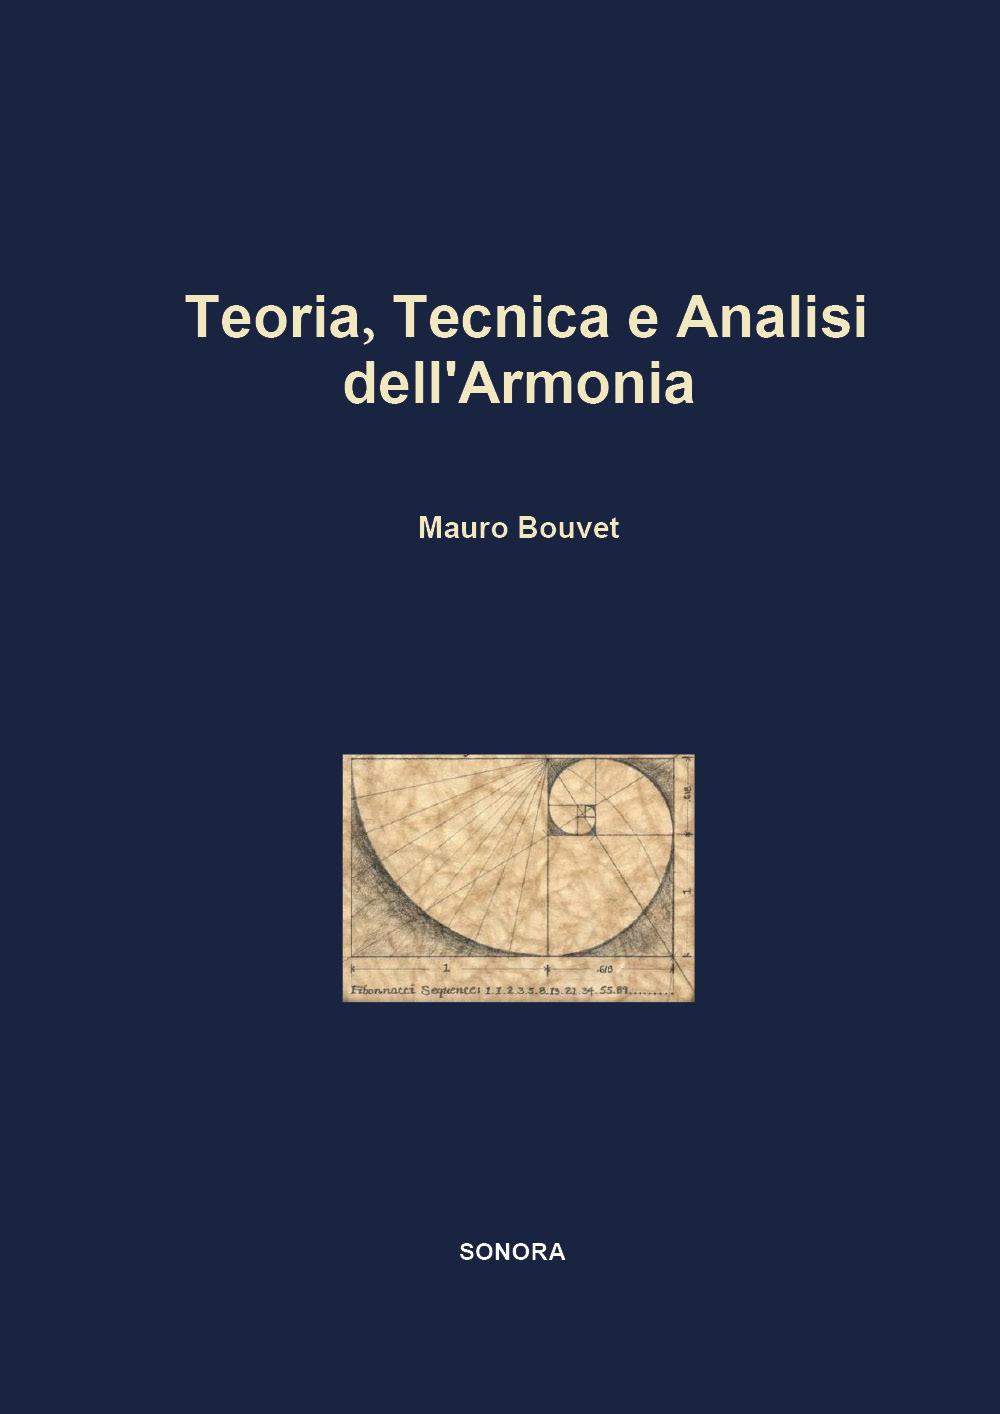 Teoria, tecnica e analisi dell'armonia